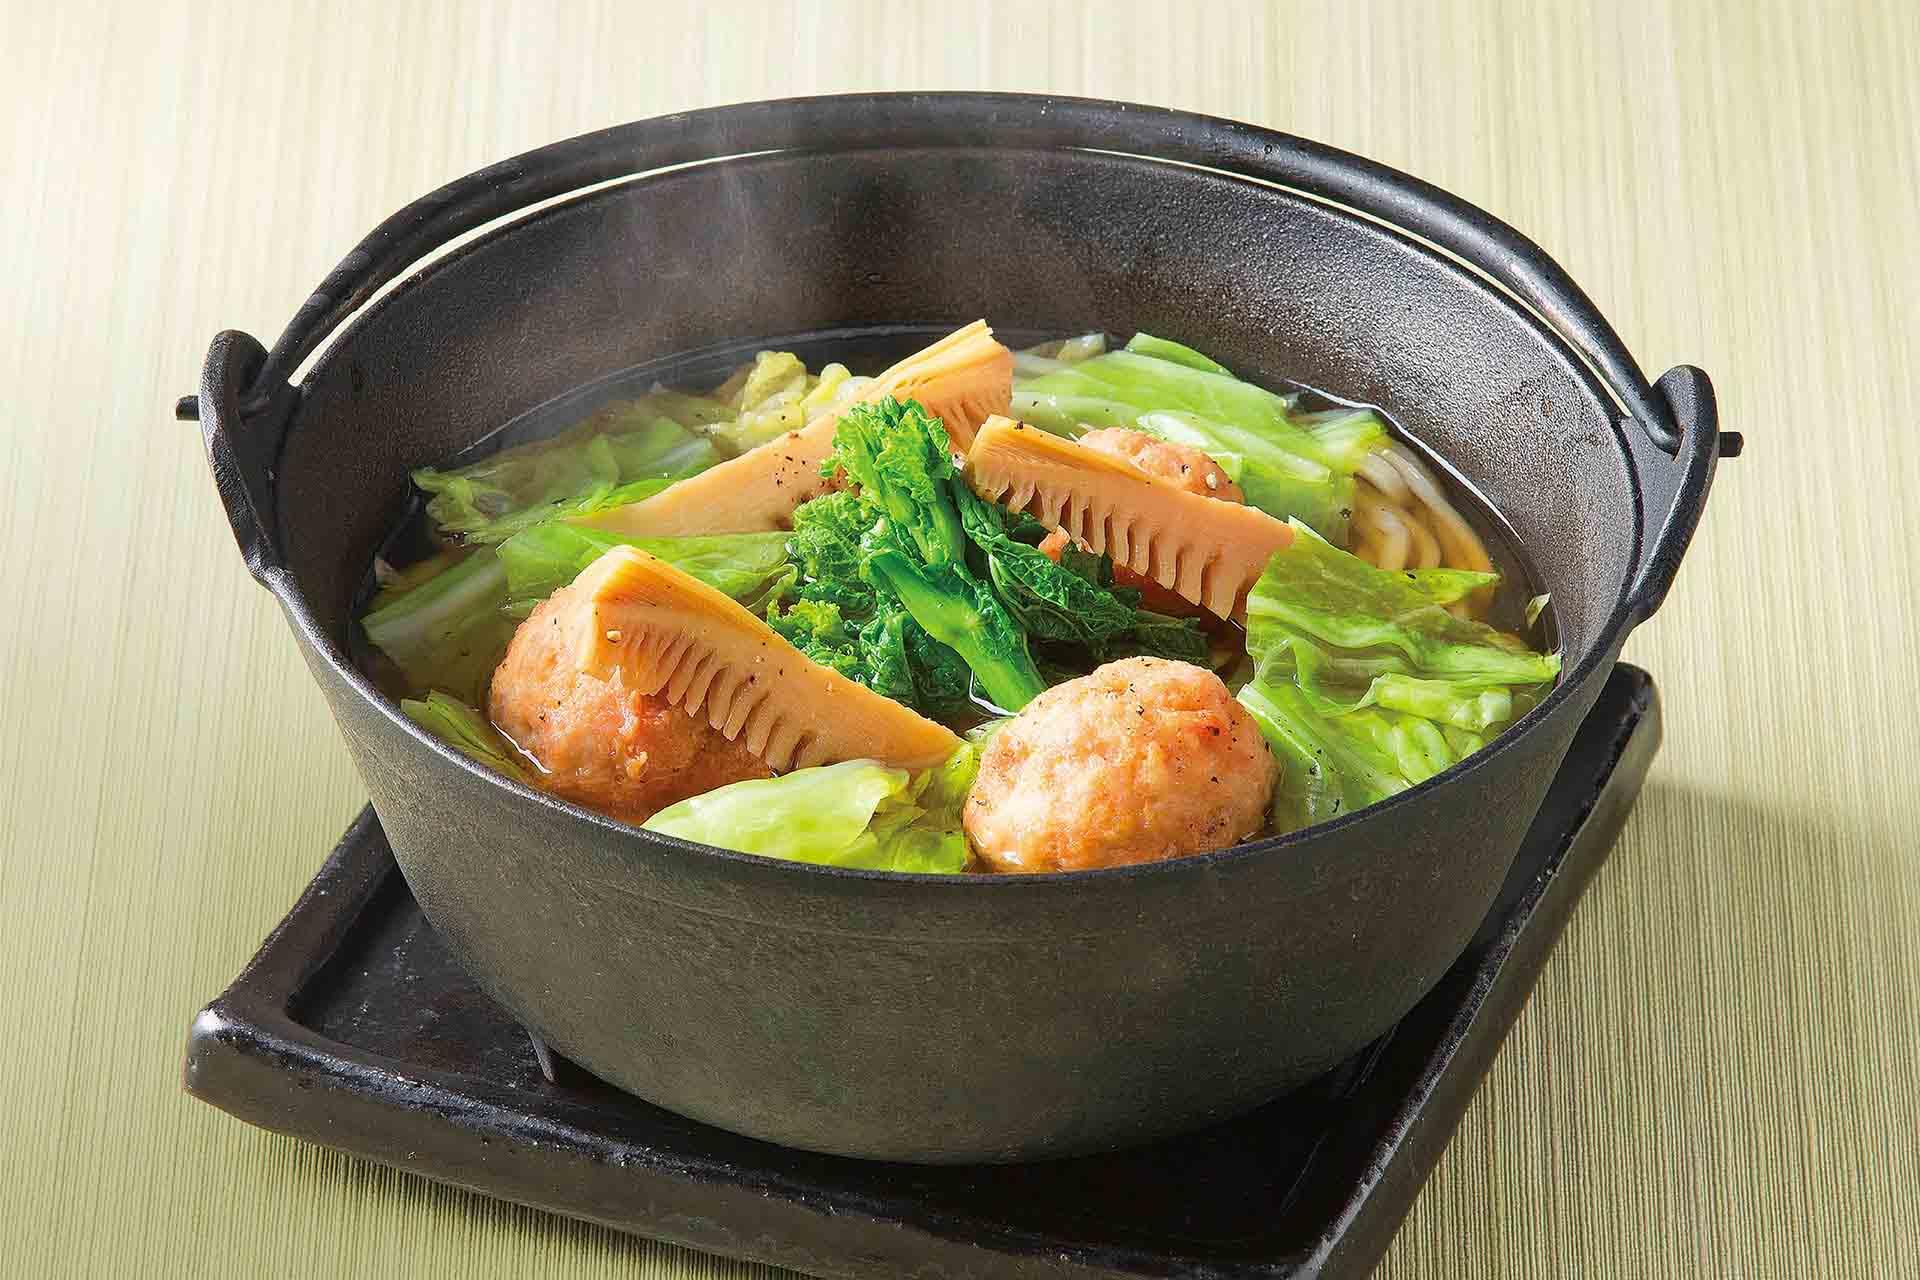 鶏軟骨団子と春野菜 新玉ねぎスープのおうどん